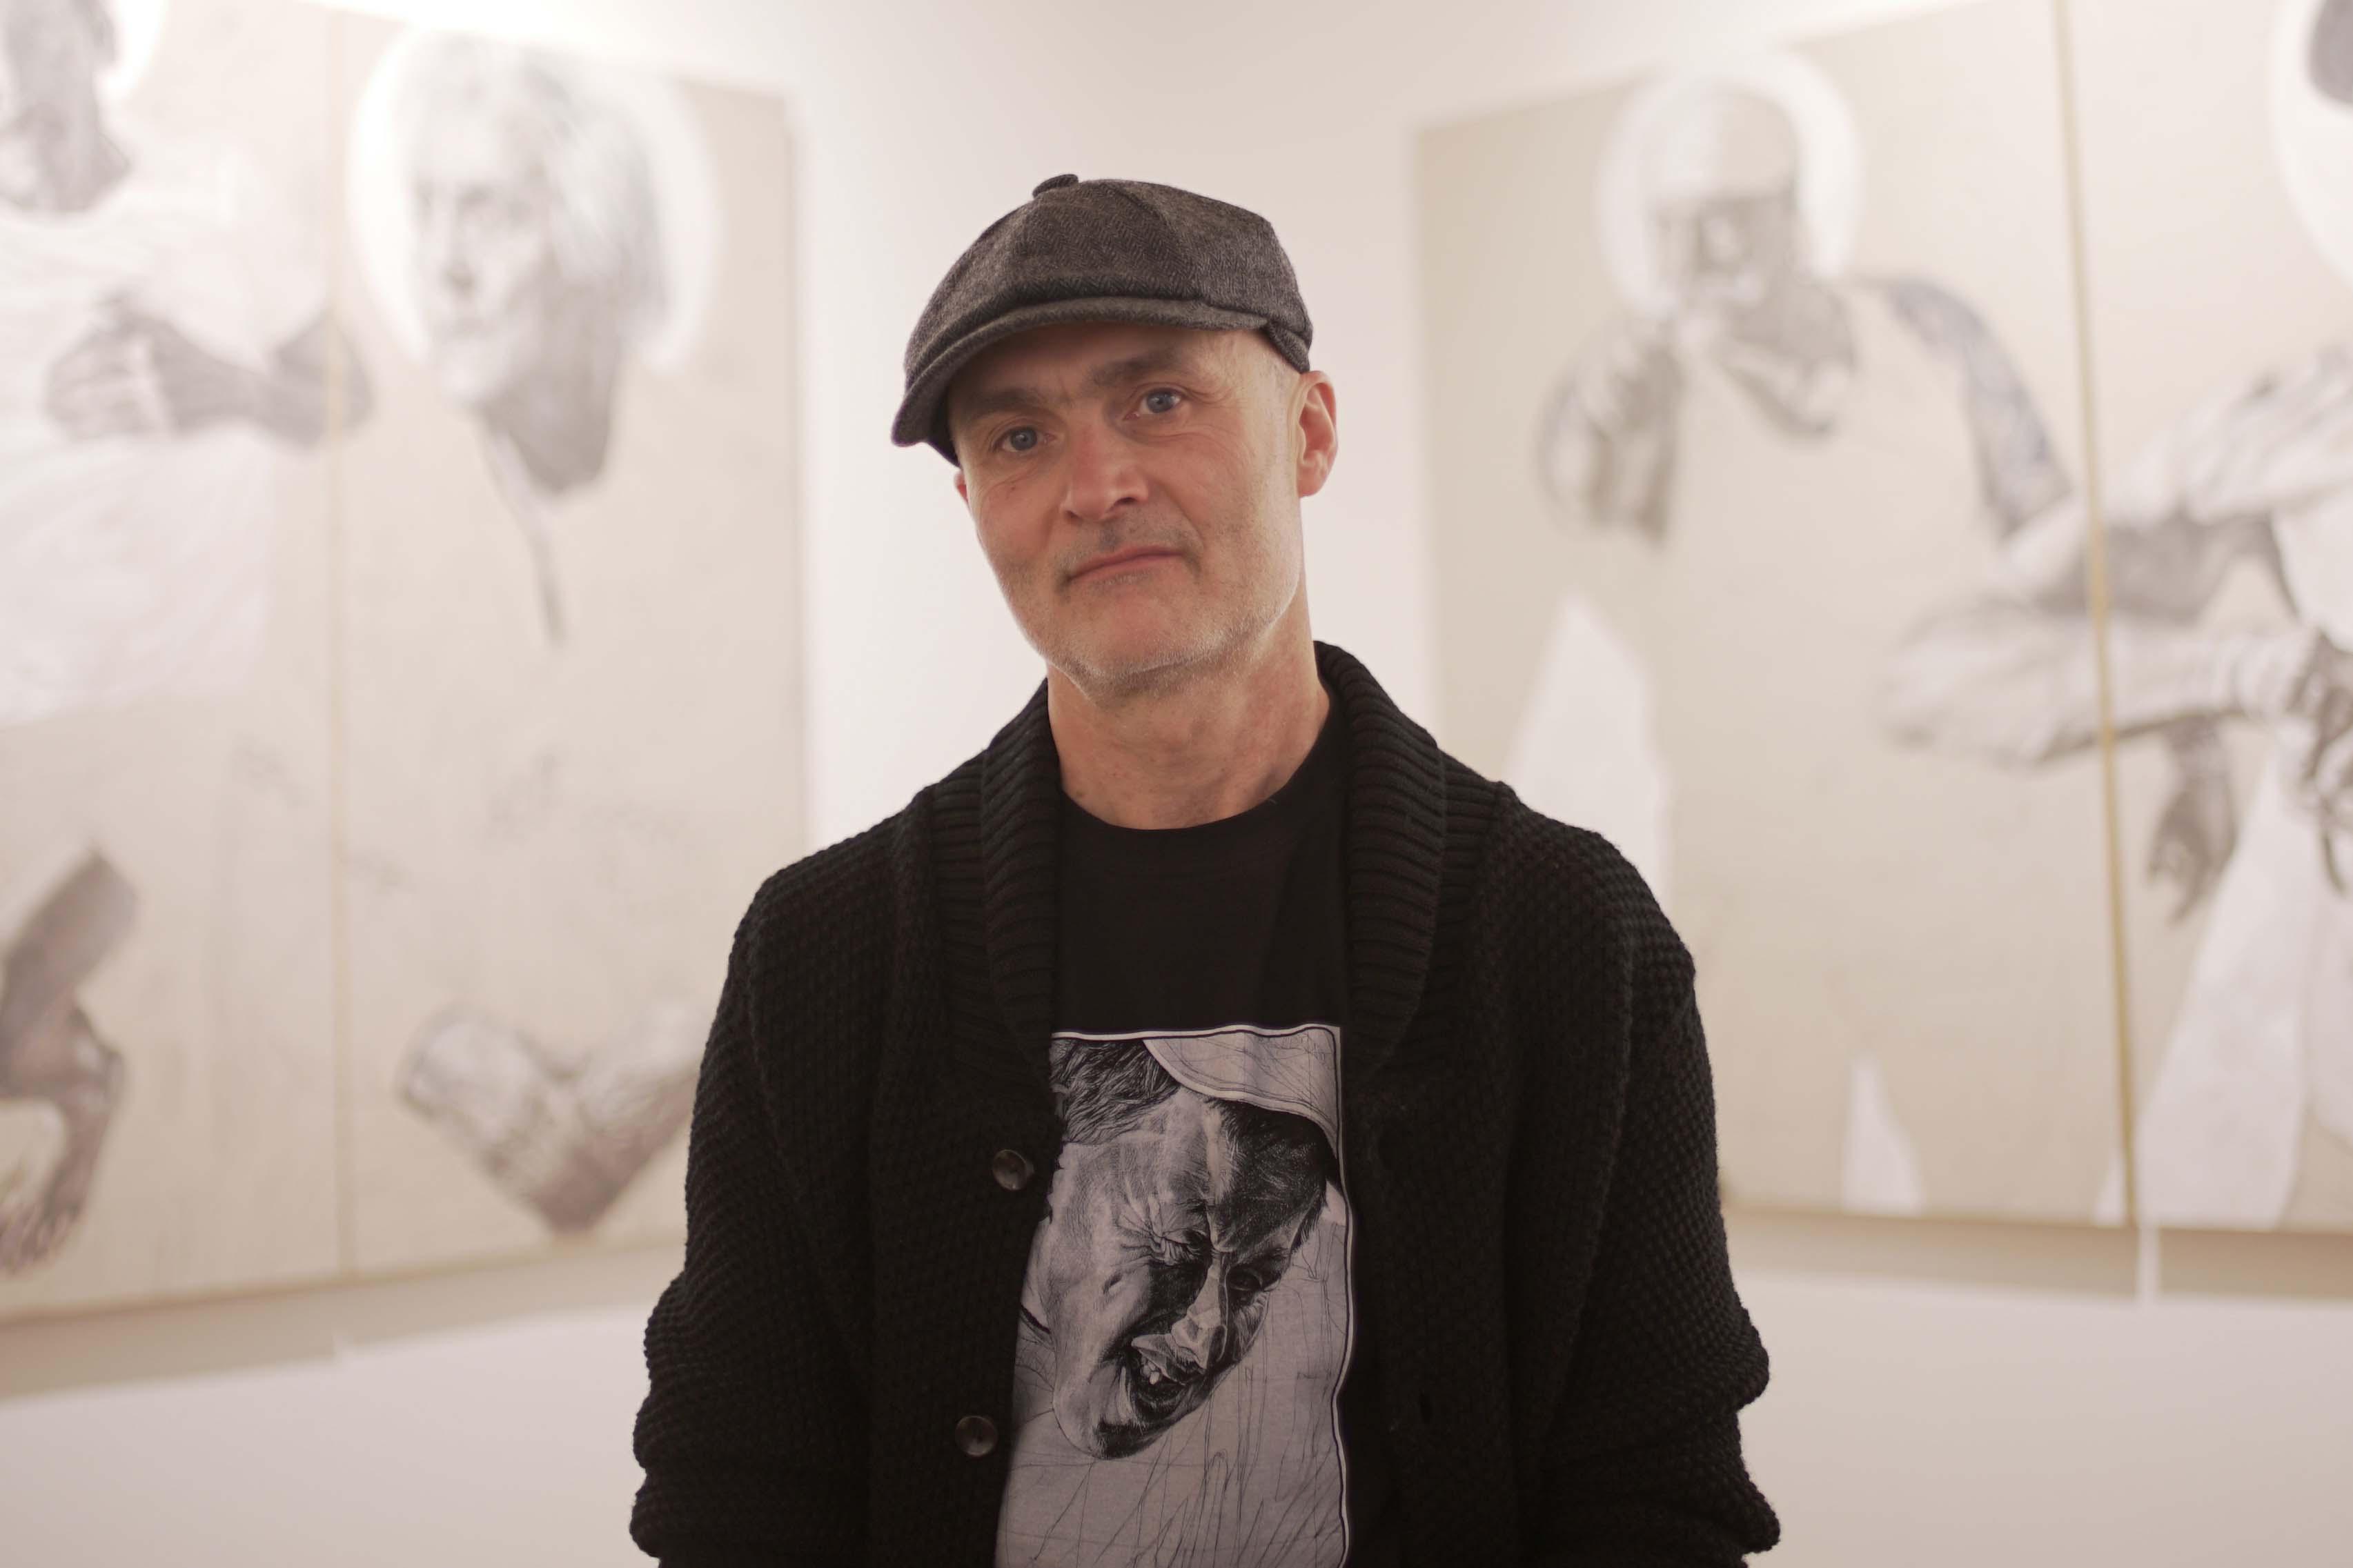 Eins Zwölf | Bruno Bradt | Portraitfilm